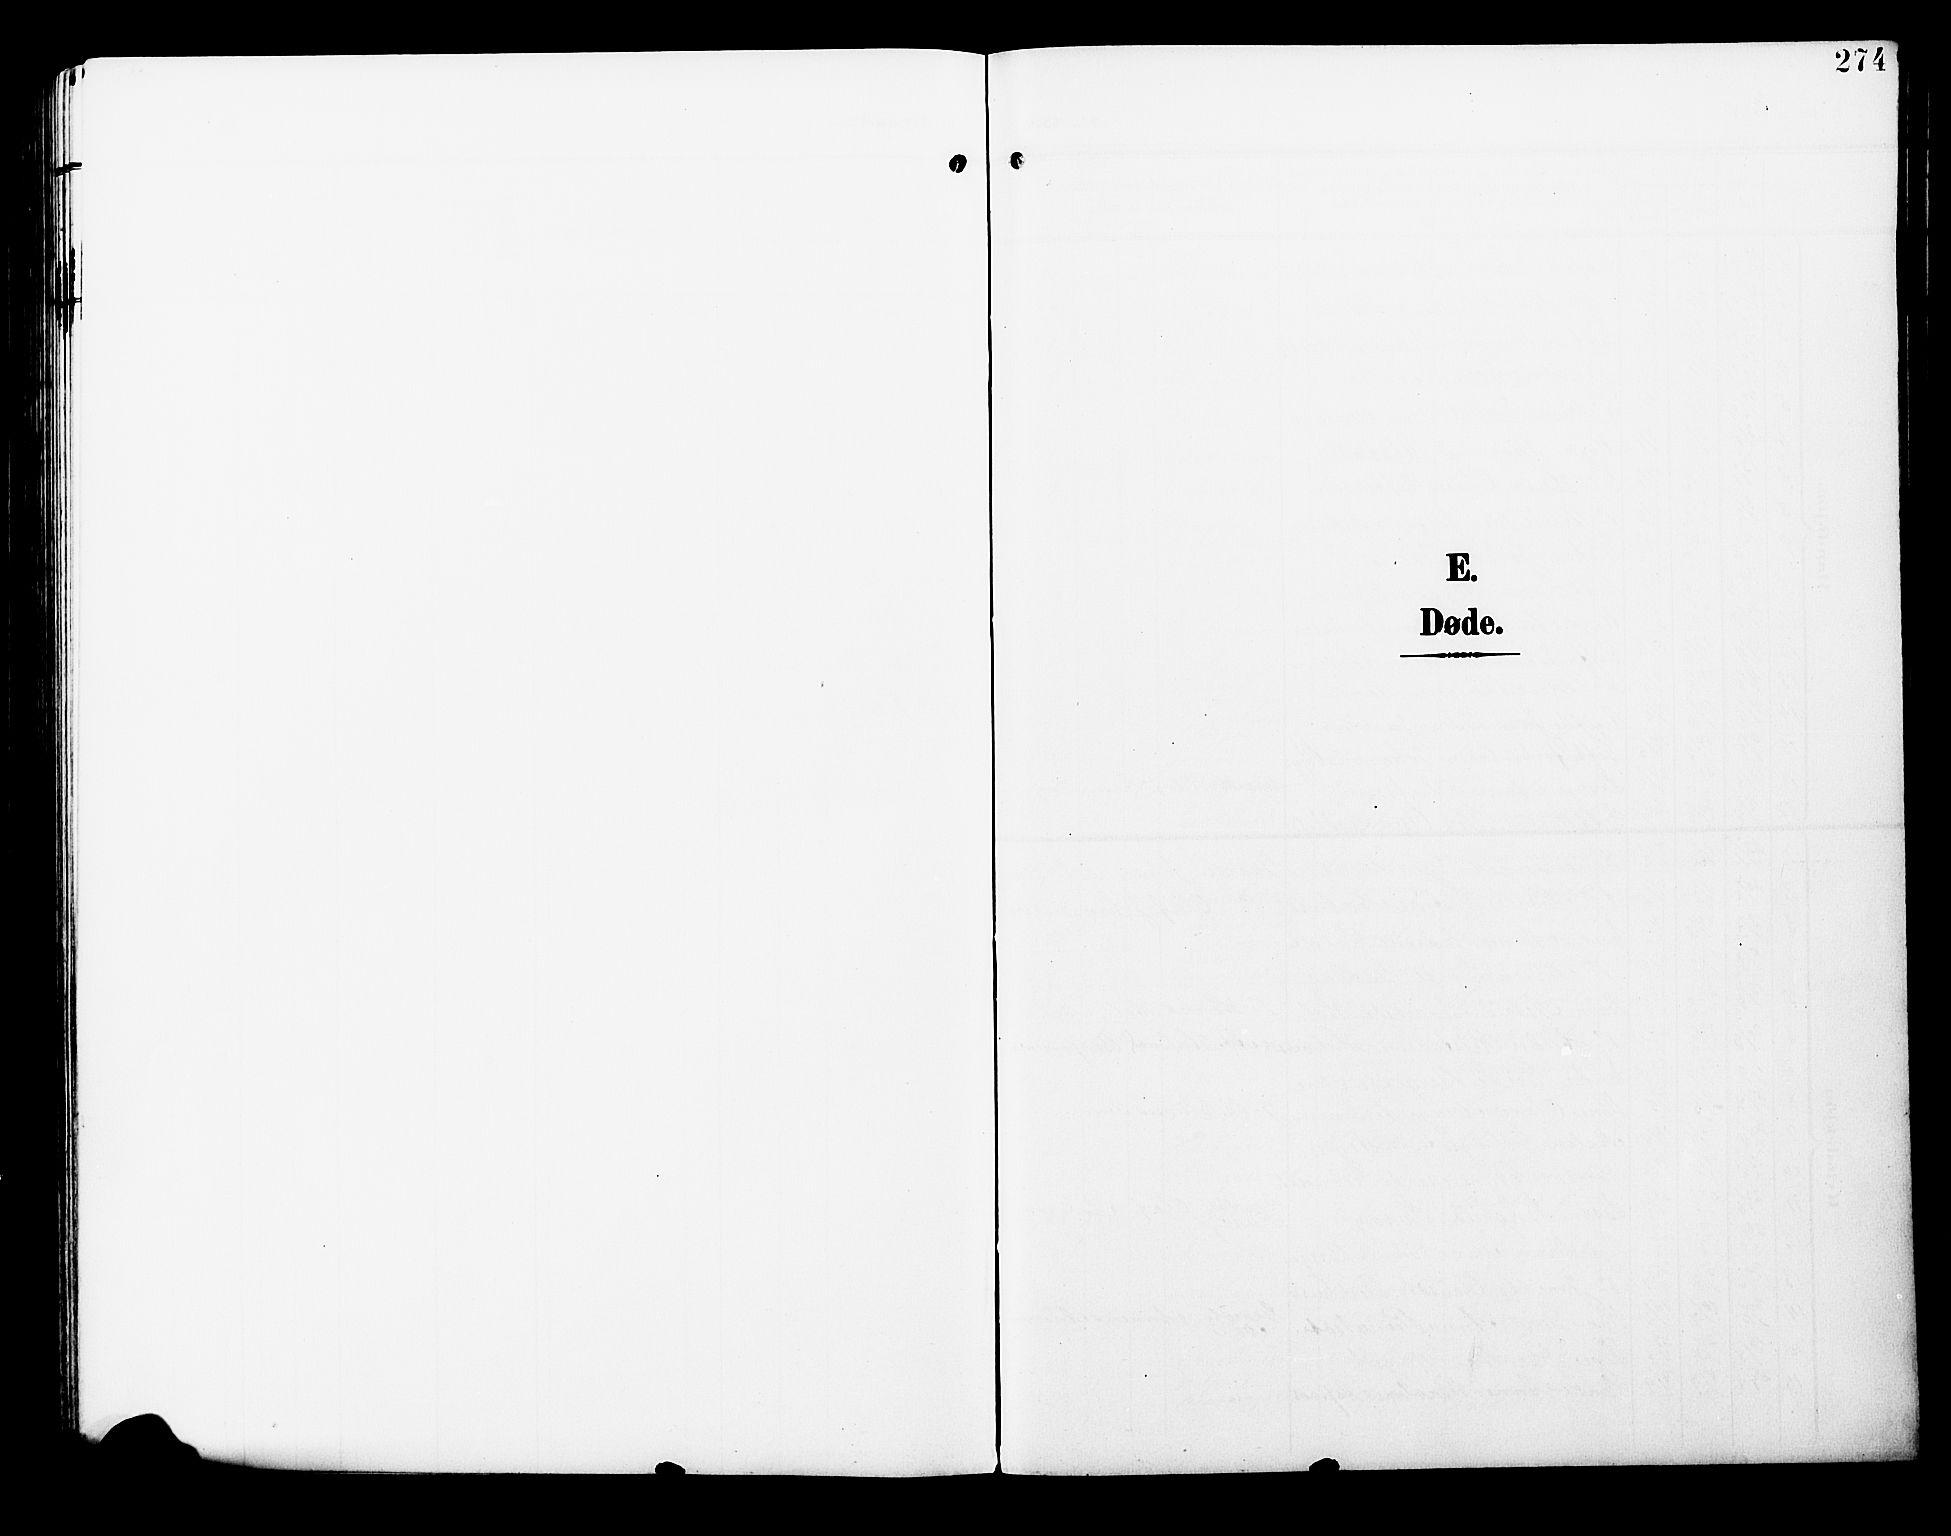 SAT, Ministerialprotokoller, klokkerbøker og fødselsregistre - Nord-Trøndelag, 723/L0258: Klokkerbok nr. 723C06, 1908-1927, s. 274